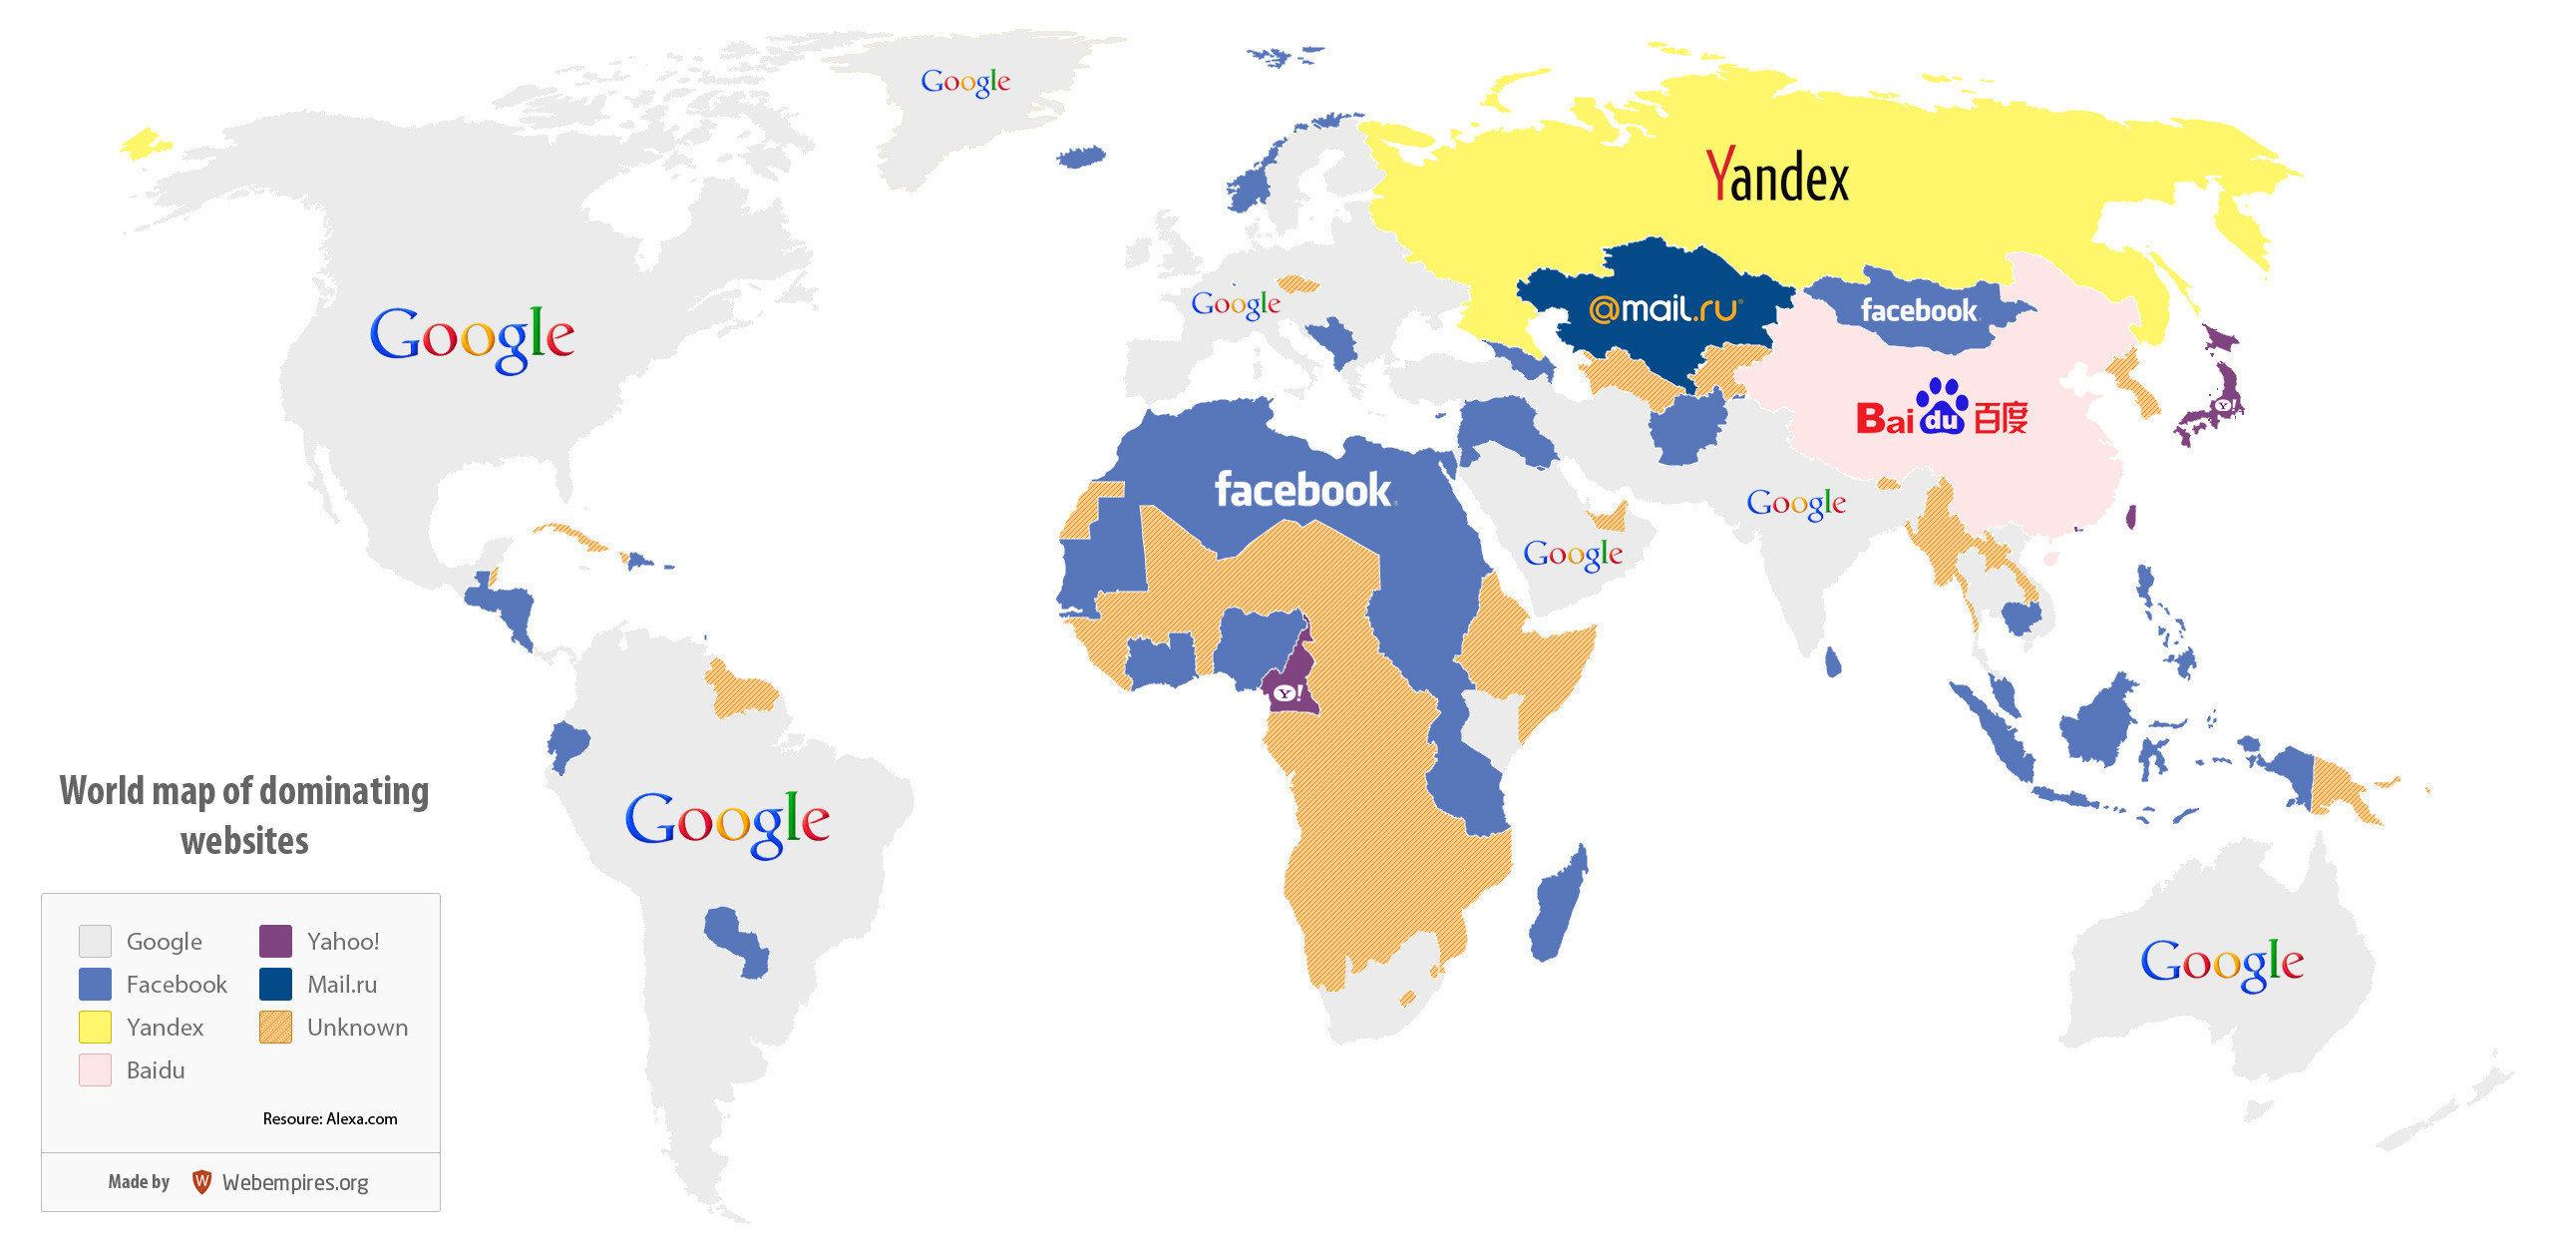 Ən populyar veb saytların xəritəsi